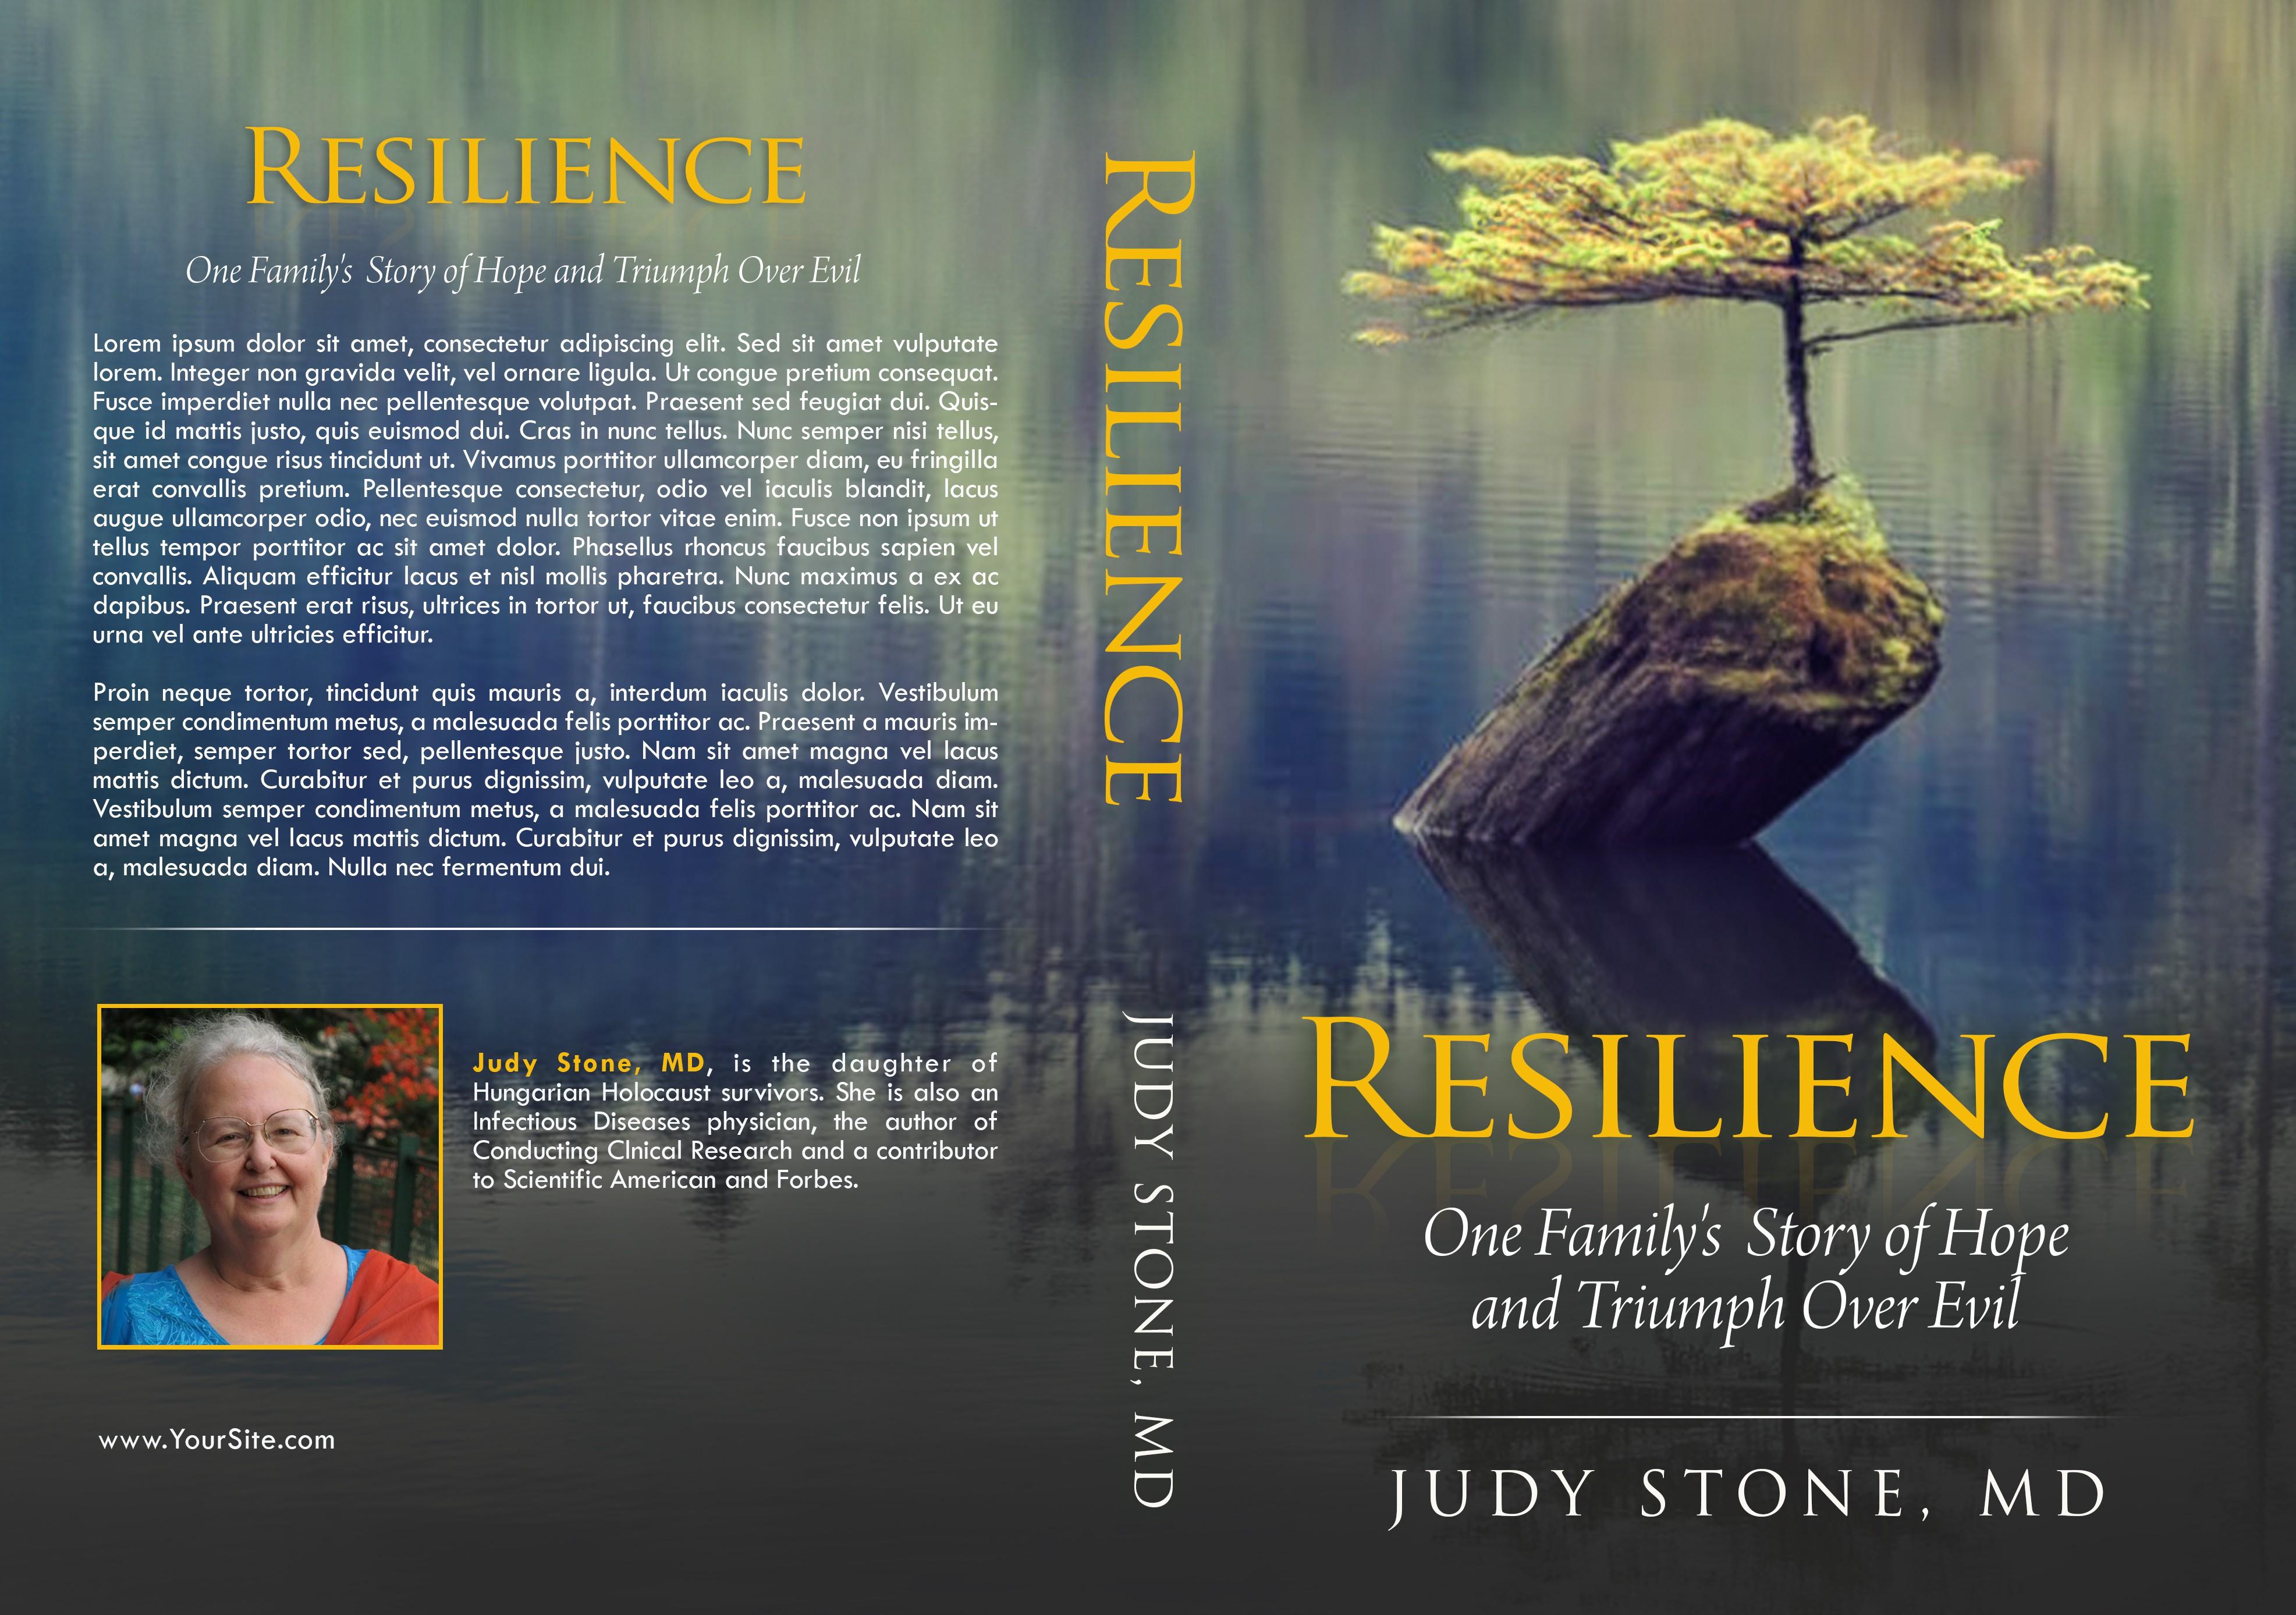 Design a hopeful/optimistic book cover for a Holocaust survivor memoir/biography